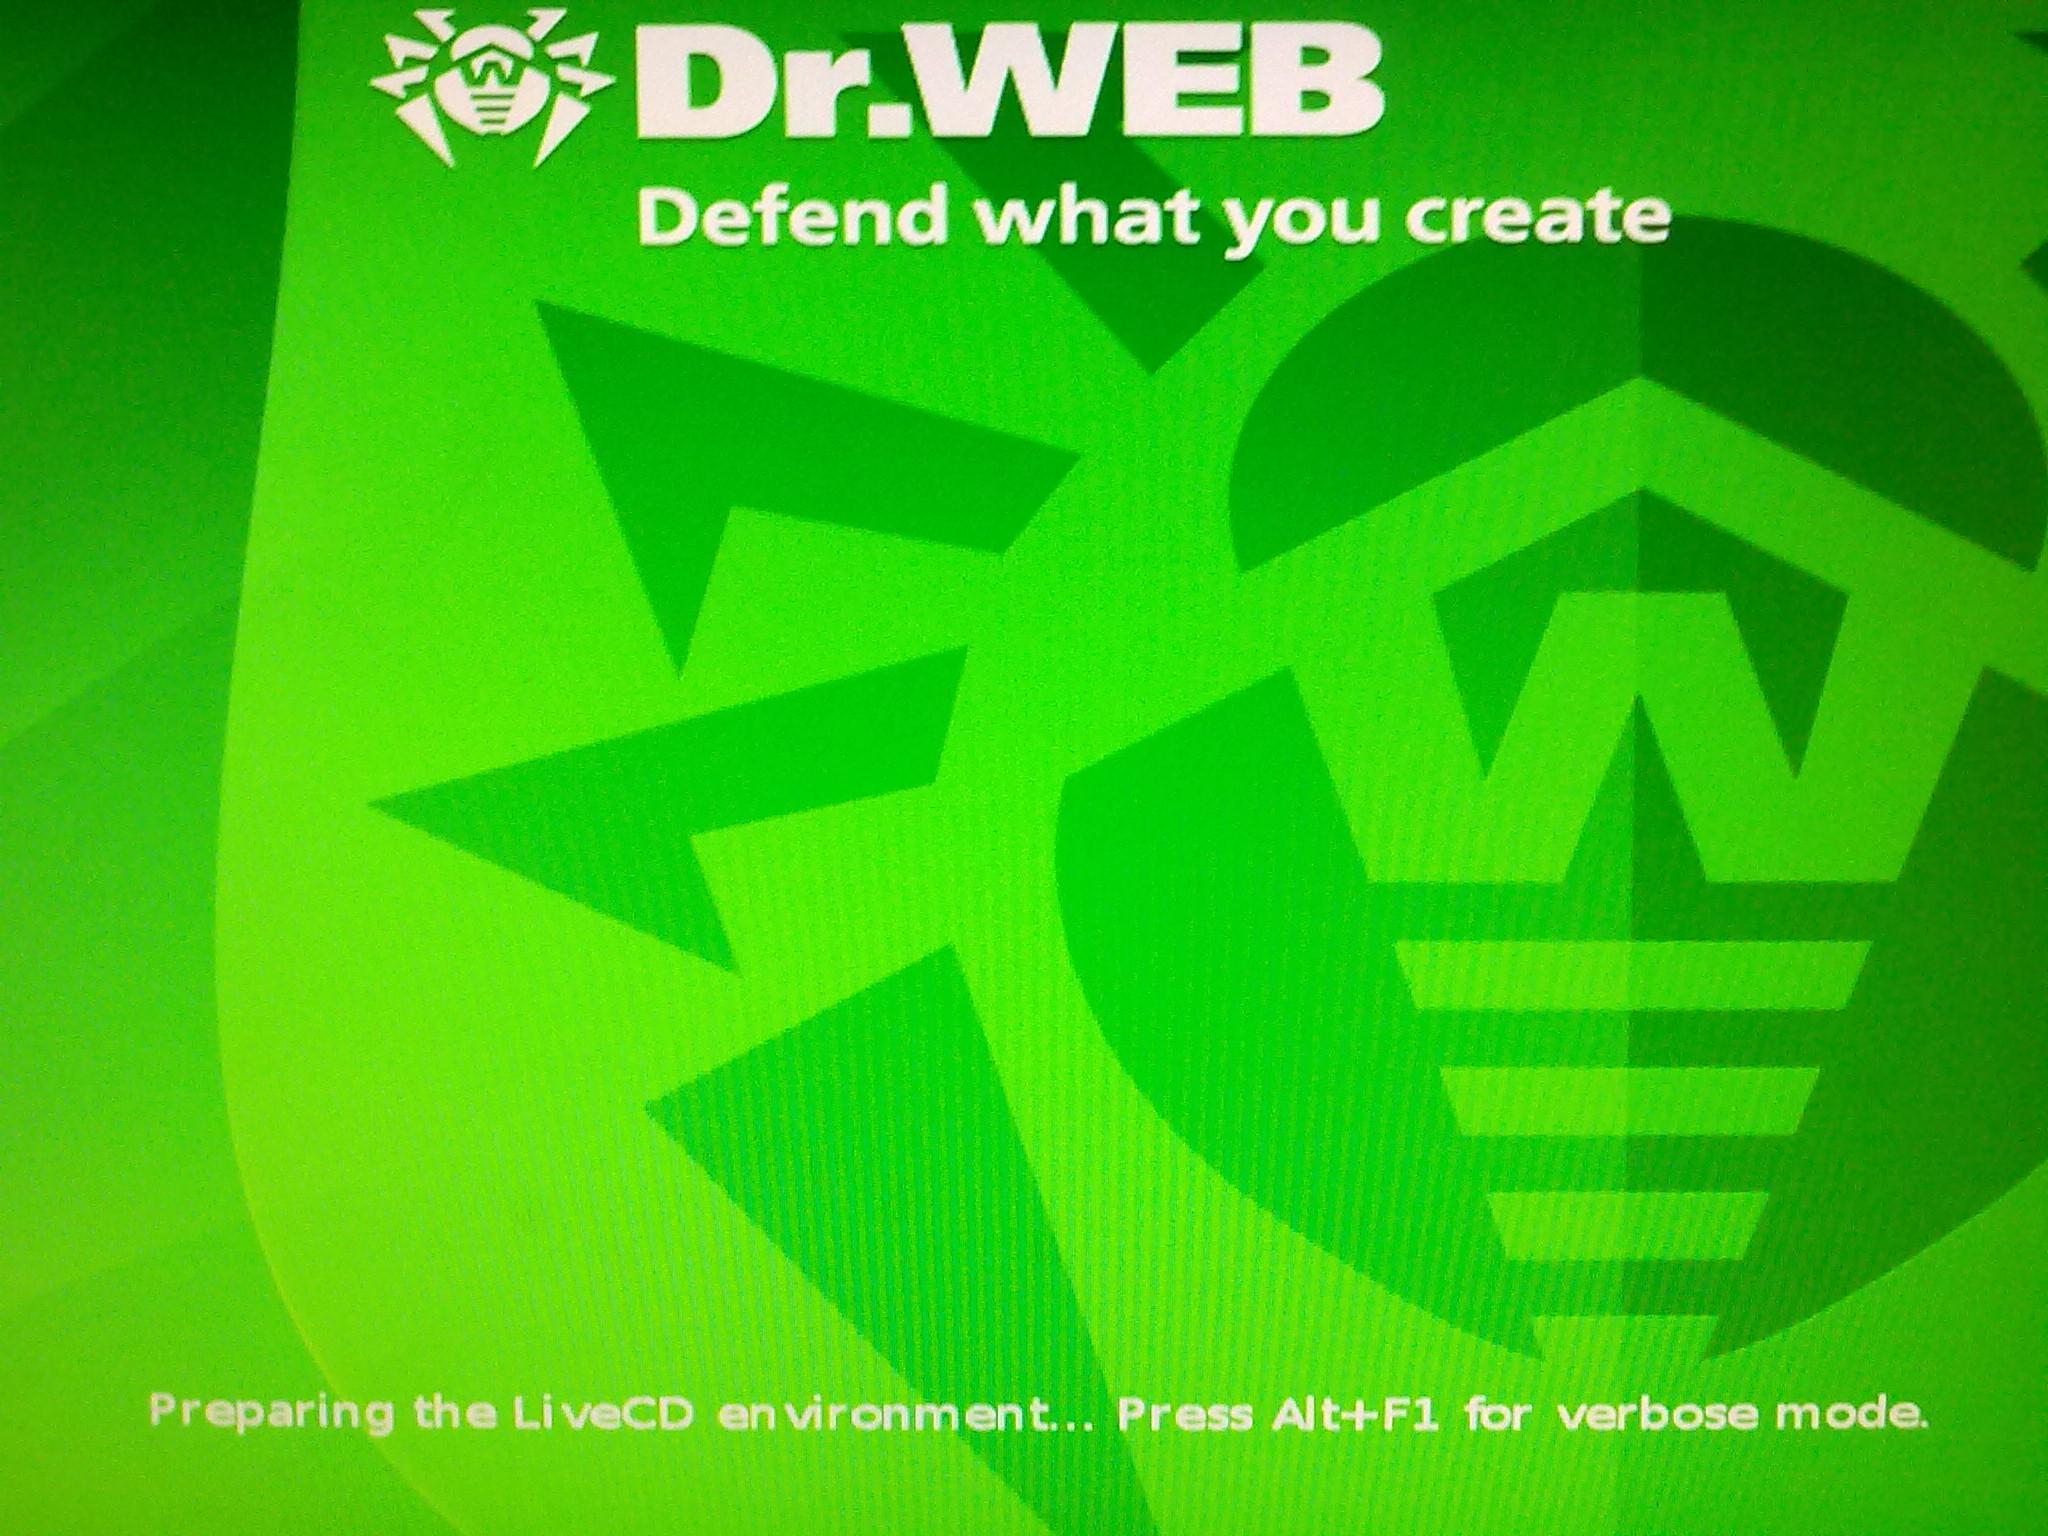 взлома веб-серверов, работающих под управлением операционной системы Linux,